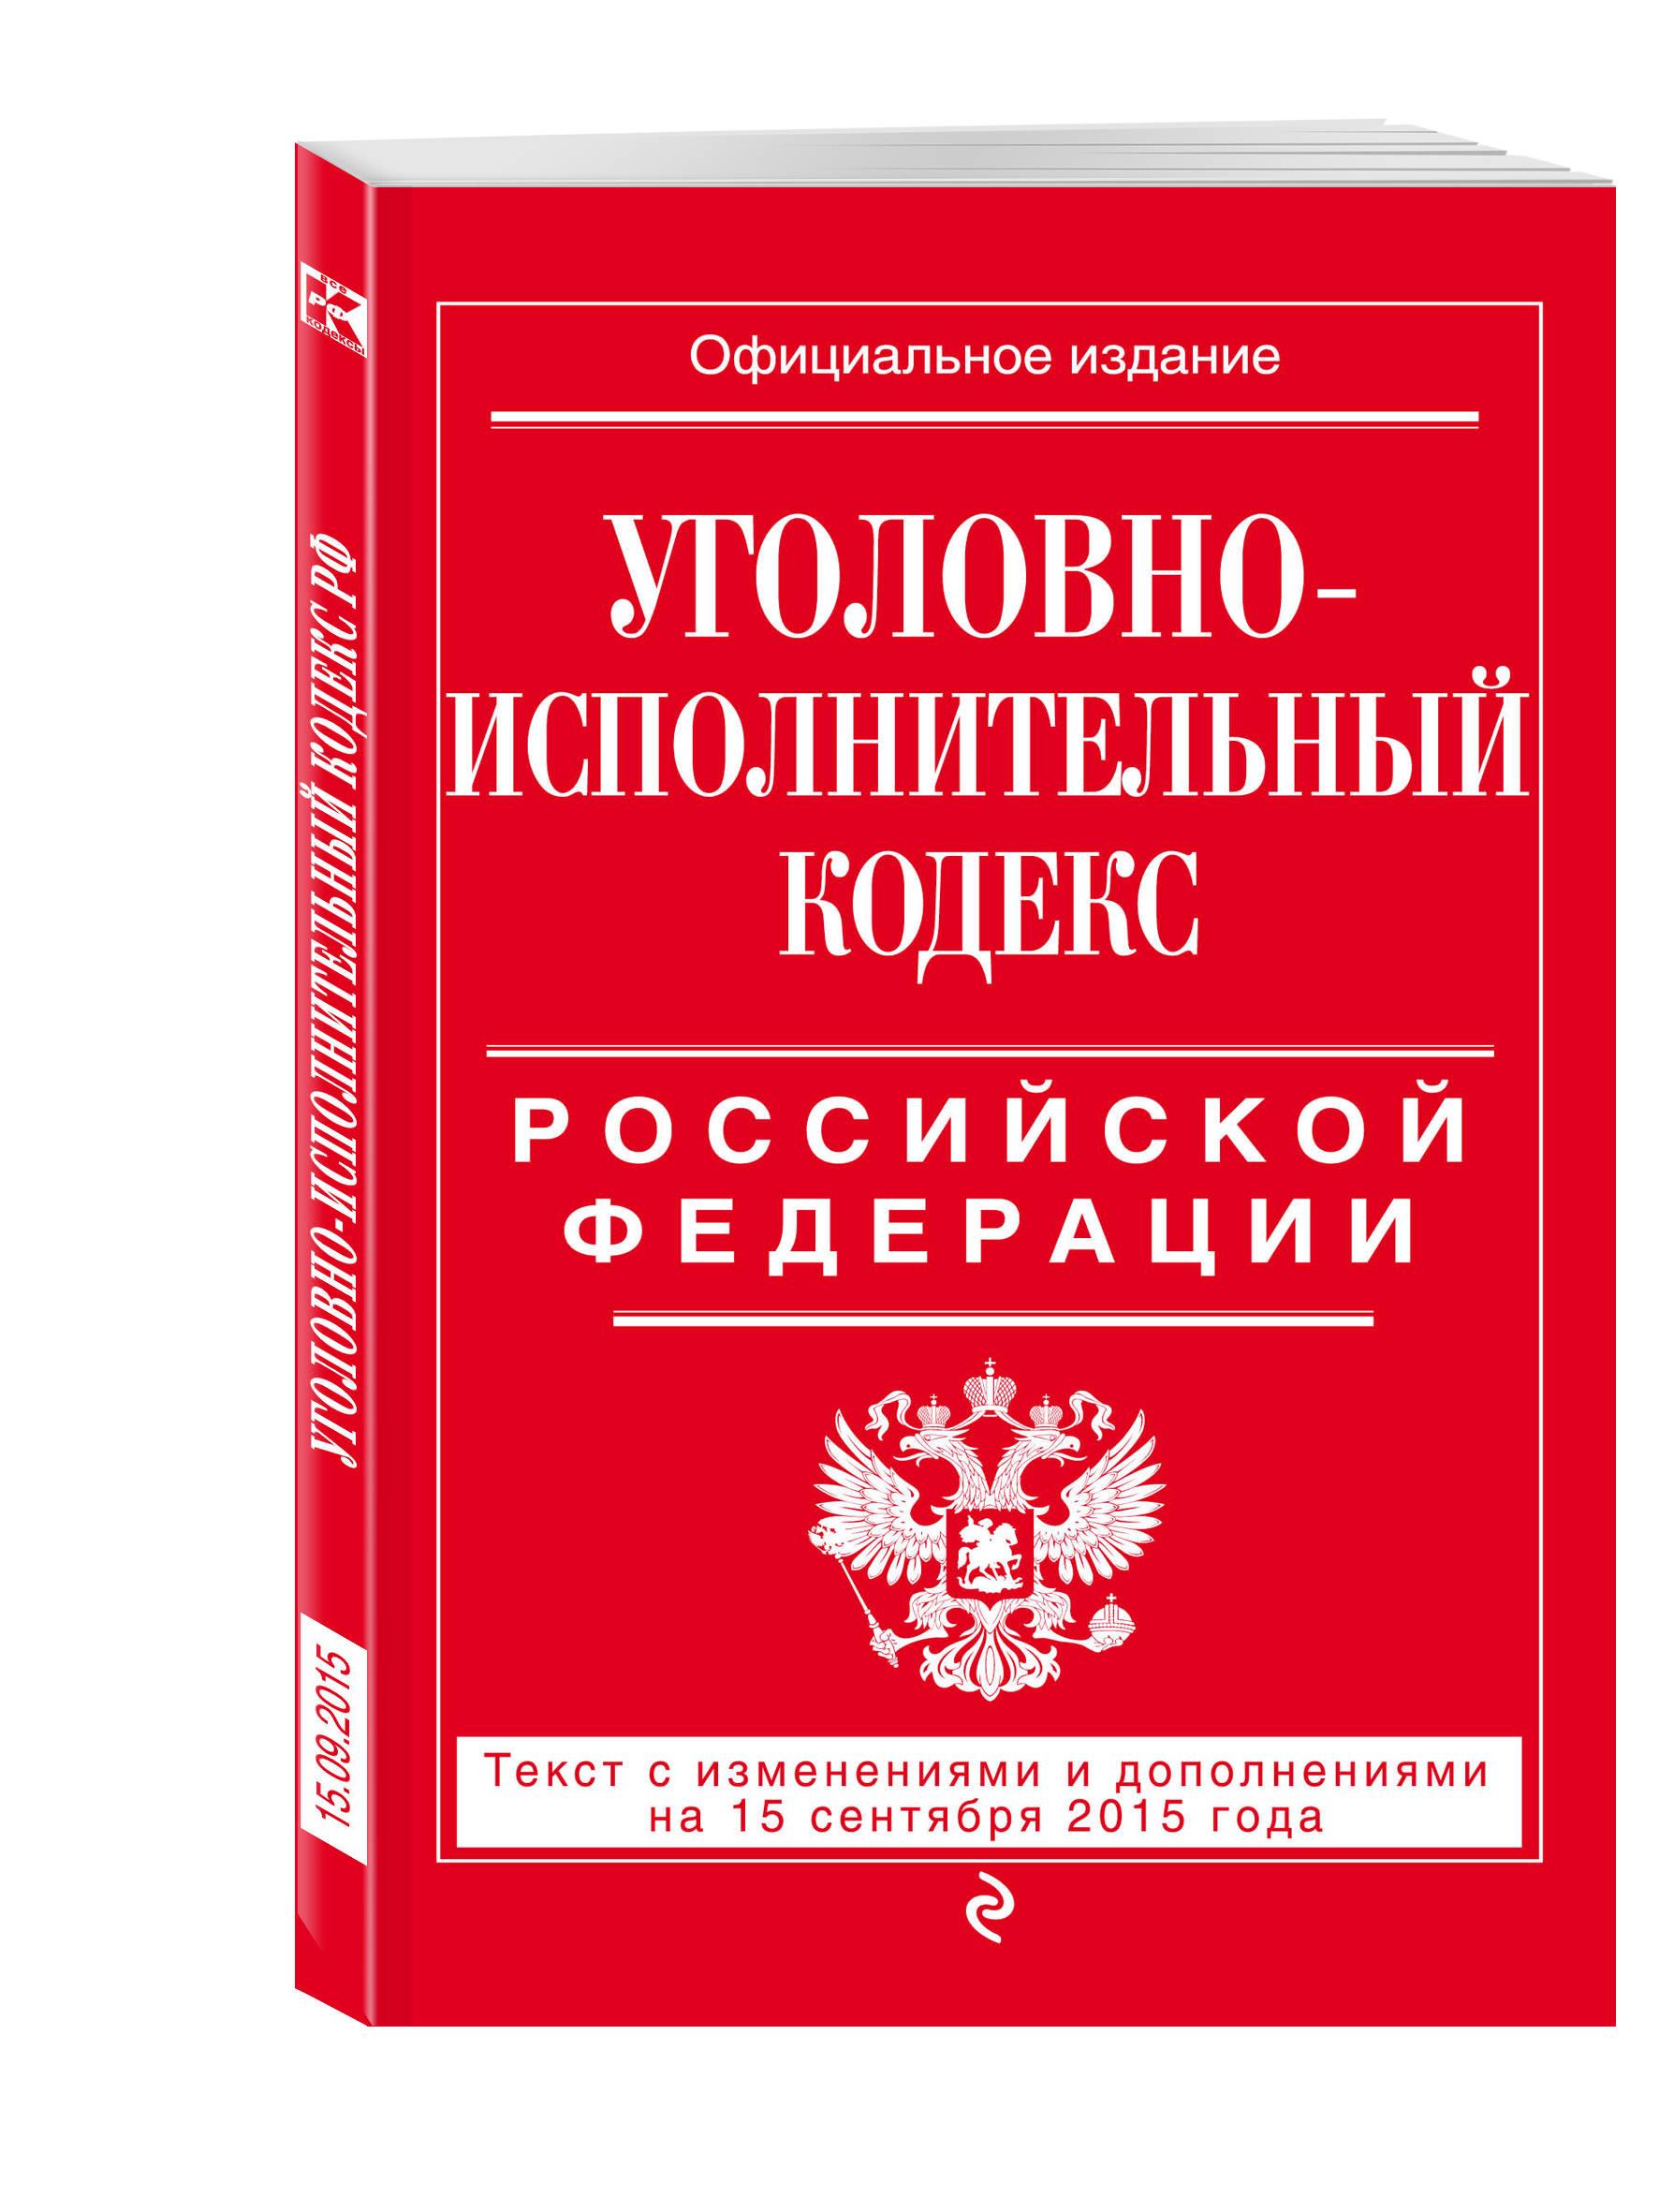 Уголовно-исполнительный кодекс Российской Федерации : текст с изм. и доп. на 15 сентября 2015 г. от book24.ru